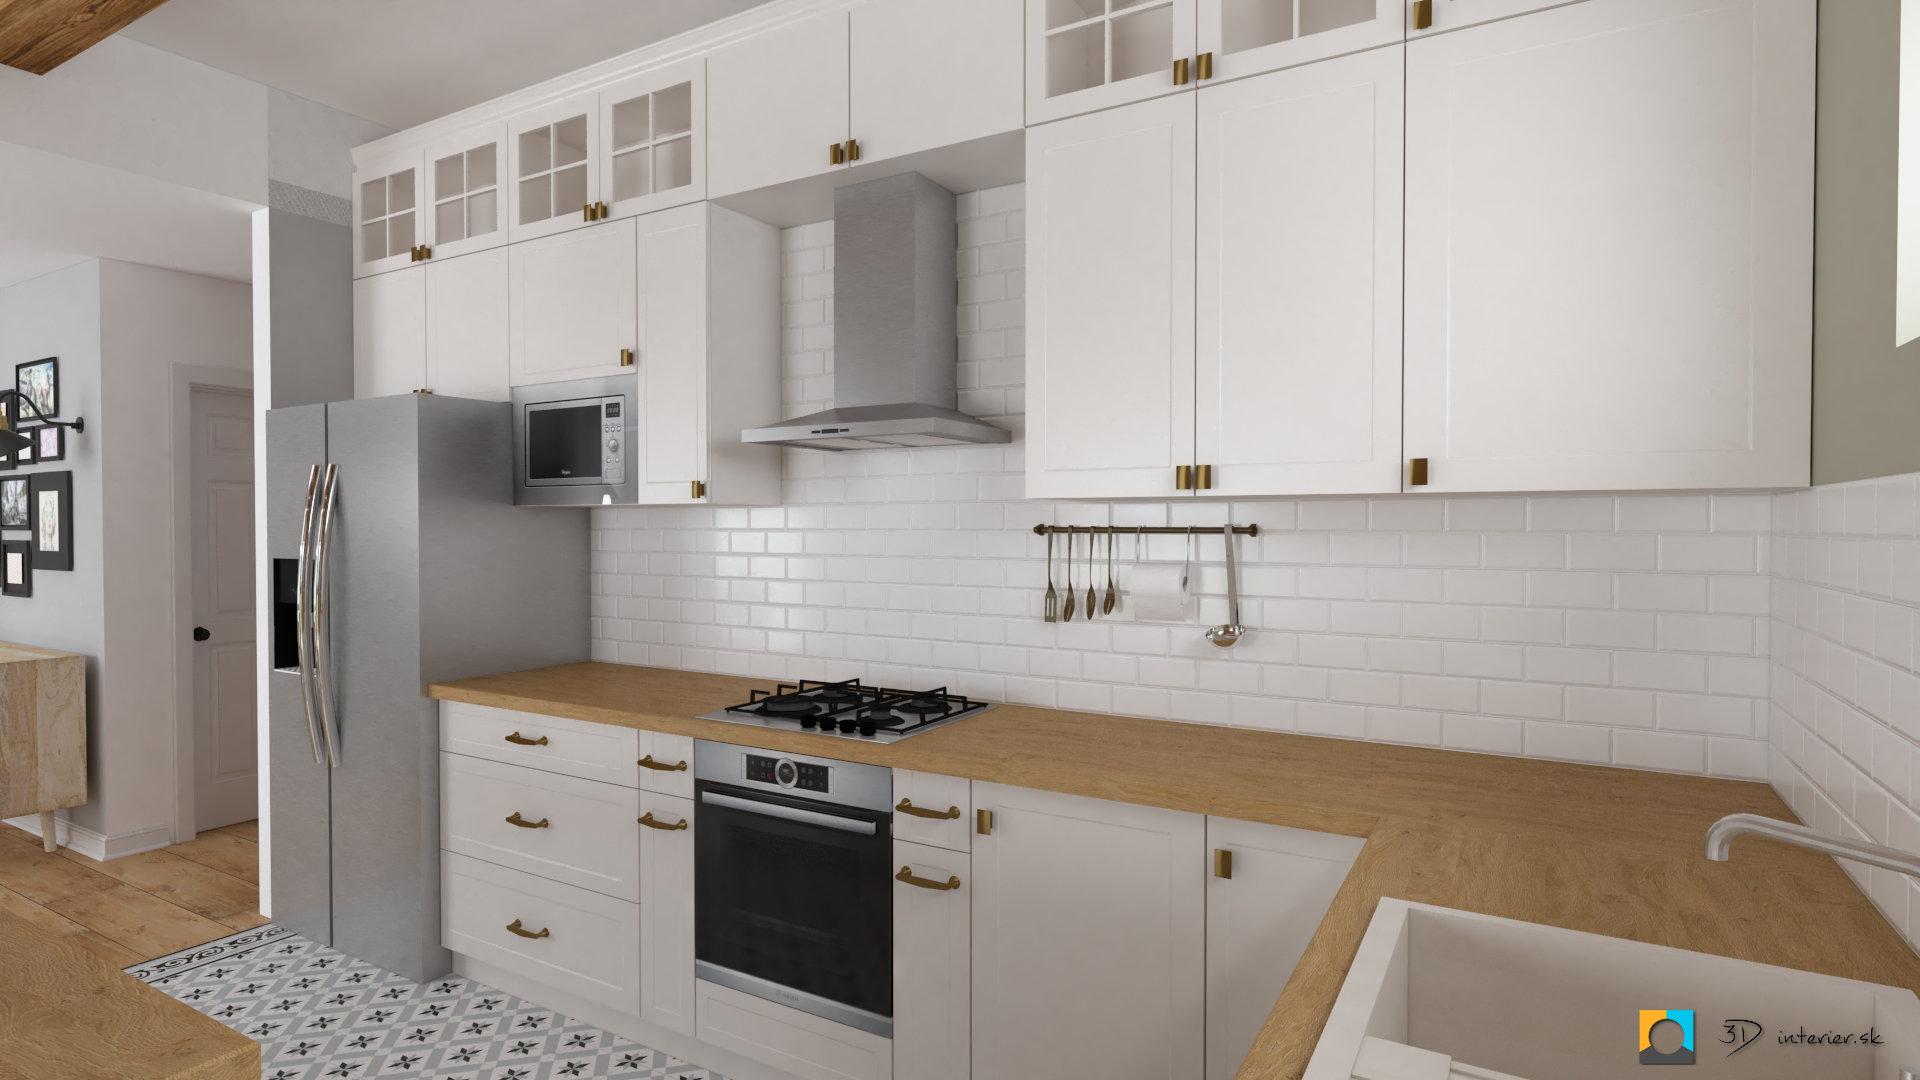 biela kuchyňa, biele tehličky ako zástena, drevená pracovná doska, dlažba v kuchyni 20x20